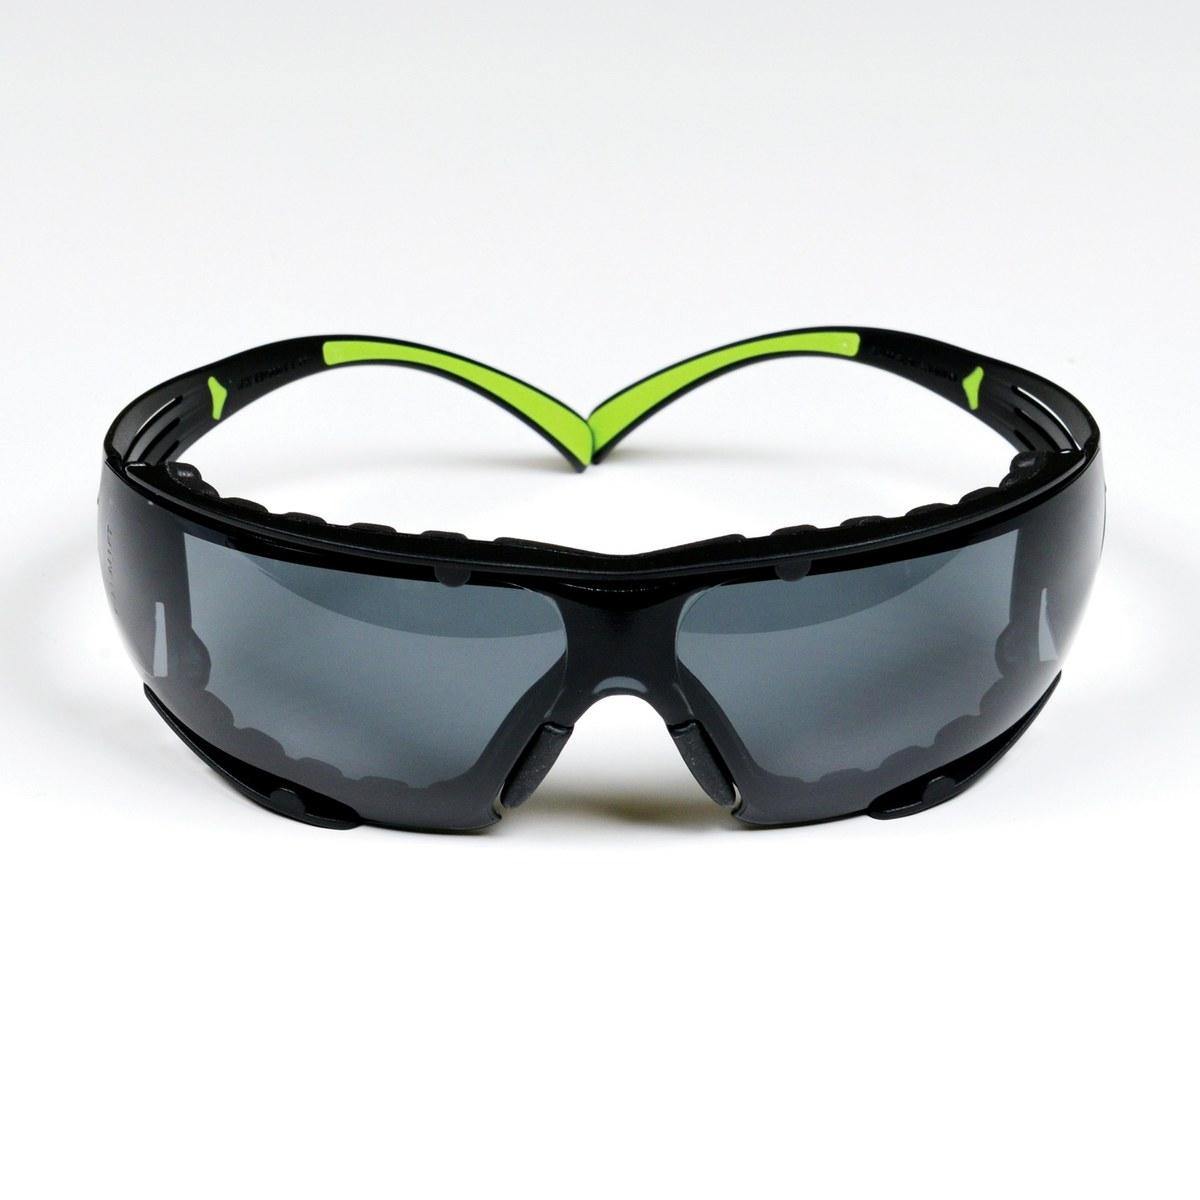 ff095490aec 3M SecureFit 400 SF402AF-FM Polycarbonate Standard Safety Glasses Gray Lens  - Black Frame - 051131-27565